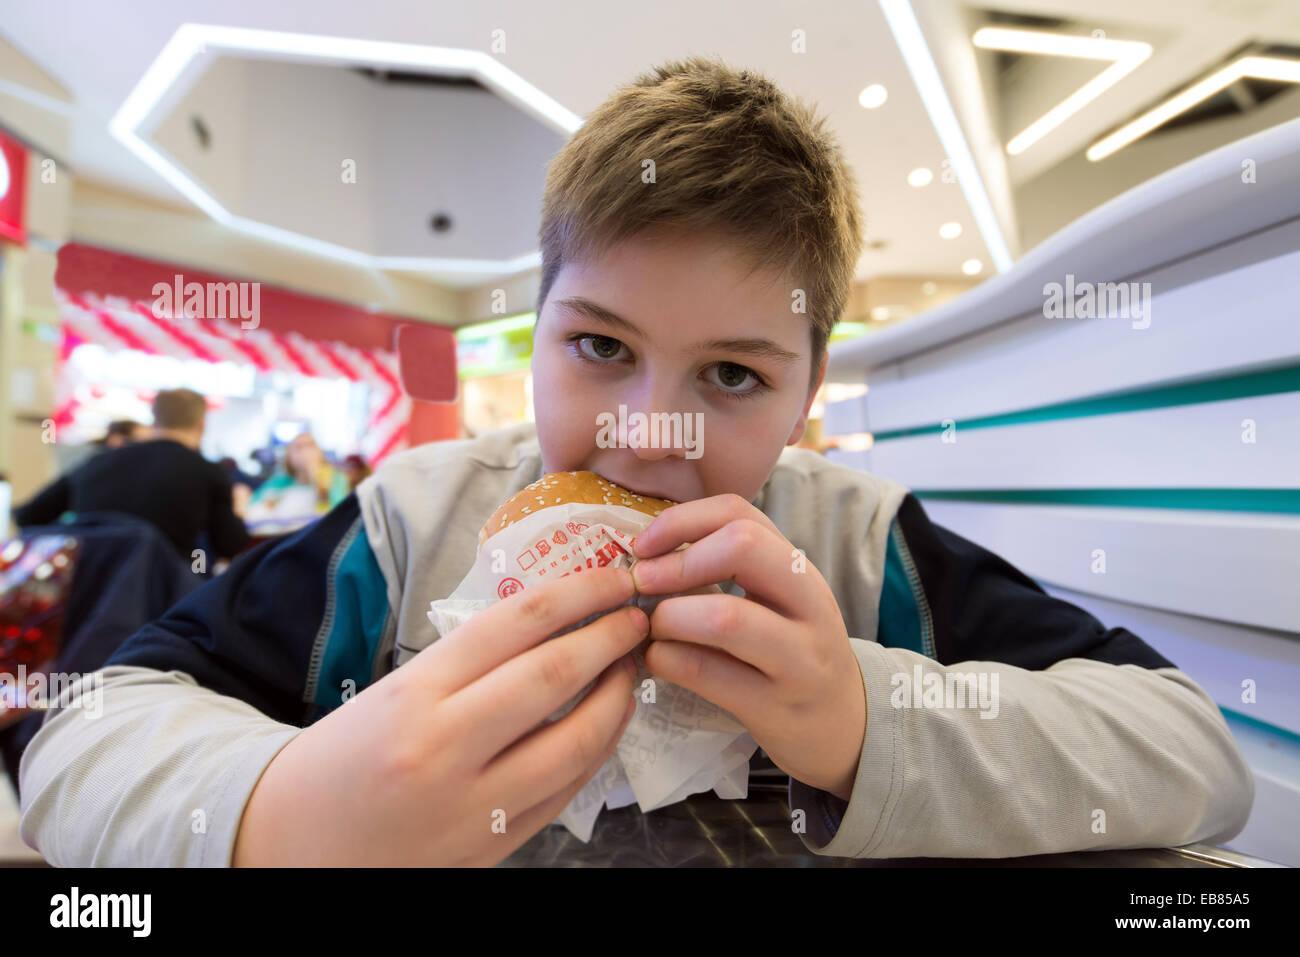 Teen boy eats  hamburger n Cafe - Stock Image